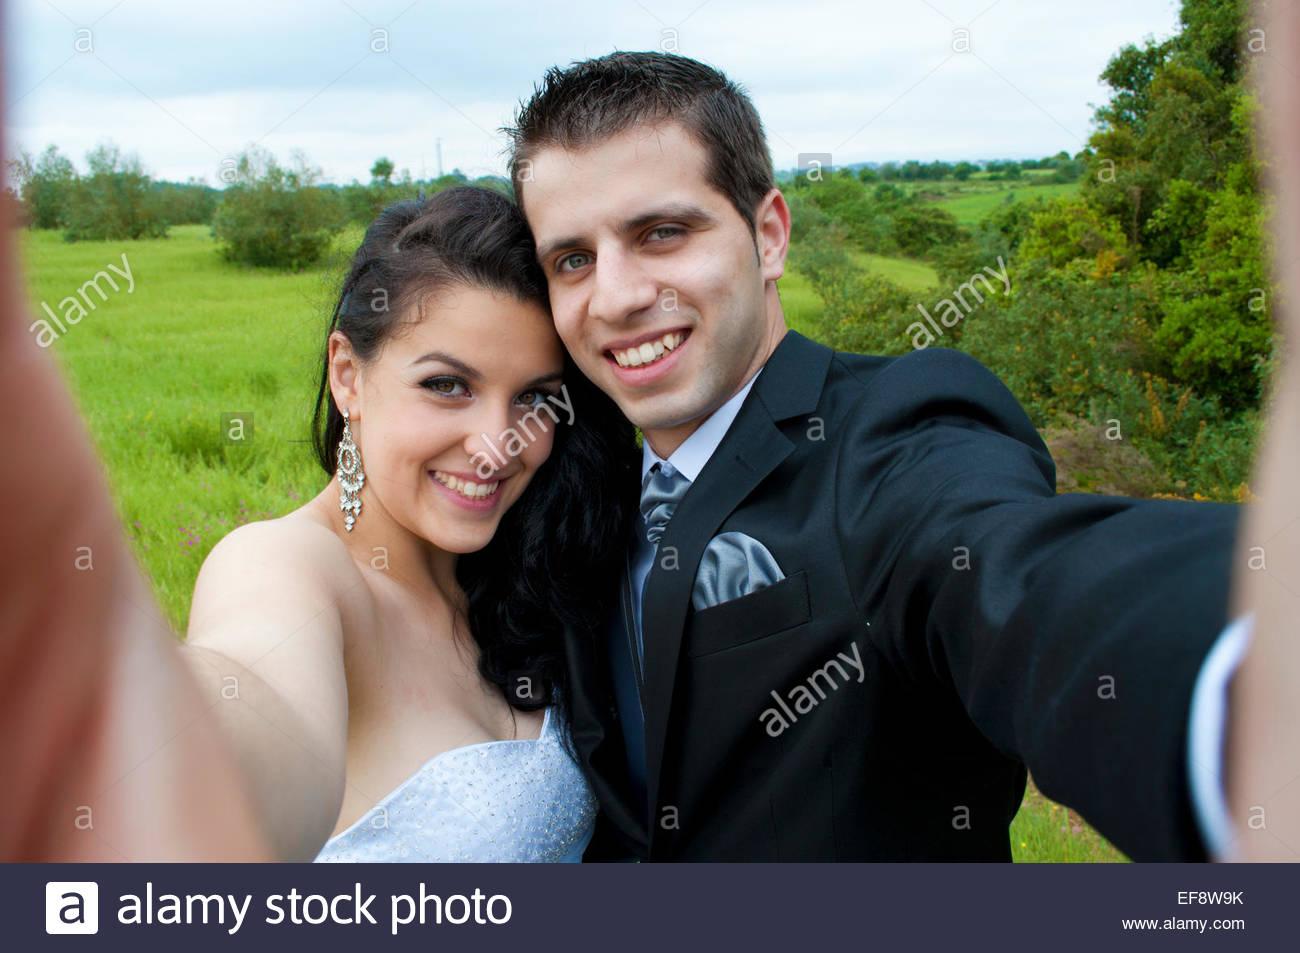 bride and groom taking selfie - Stock Image